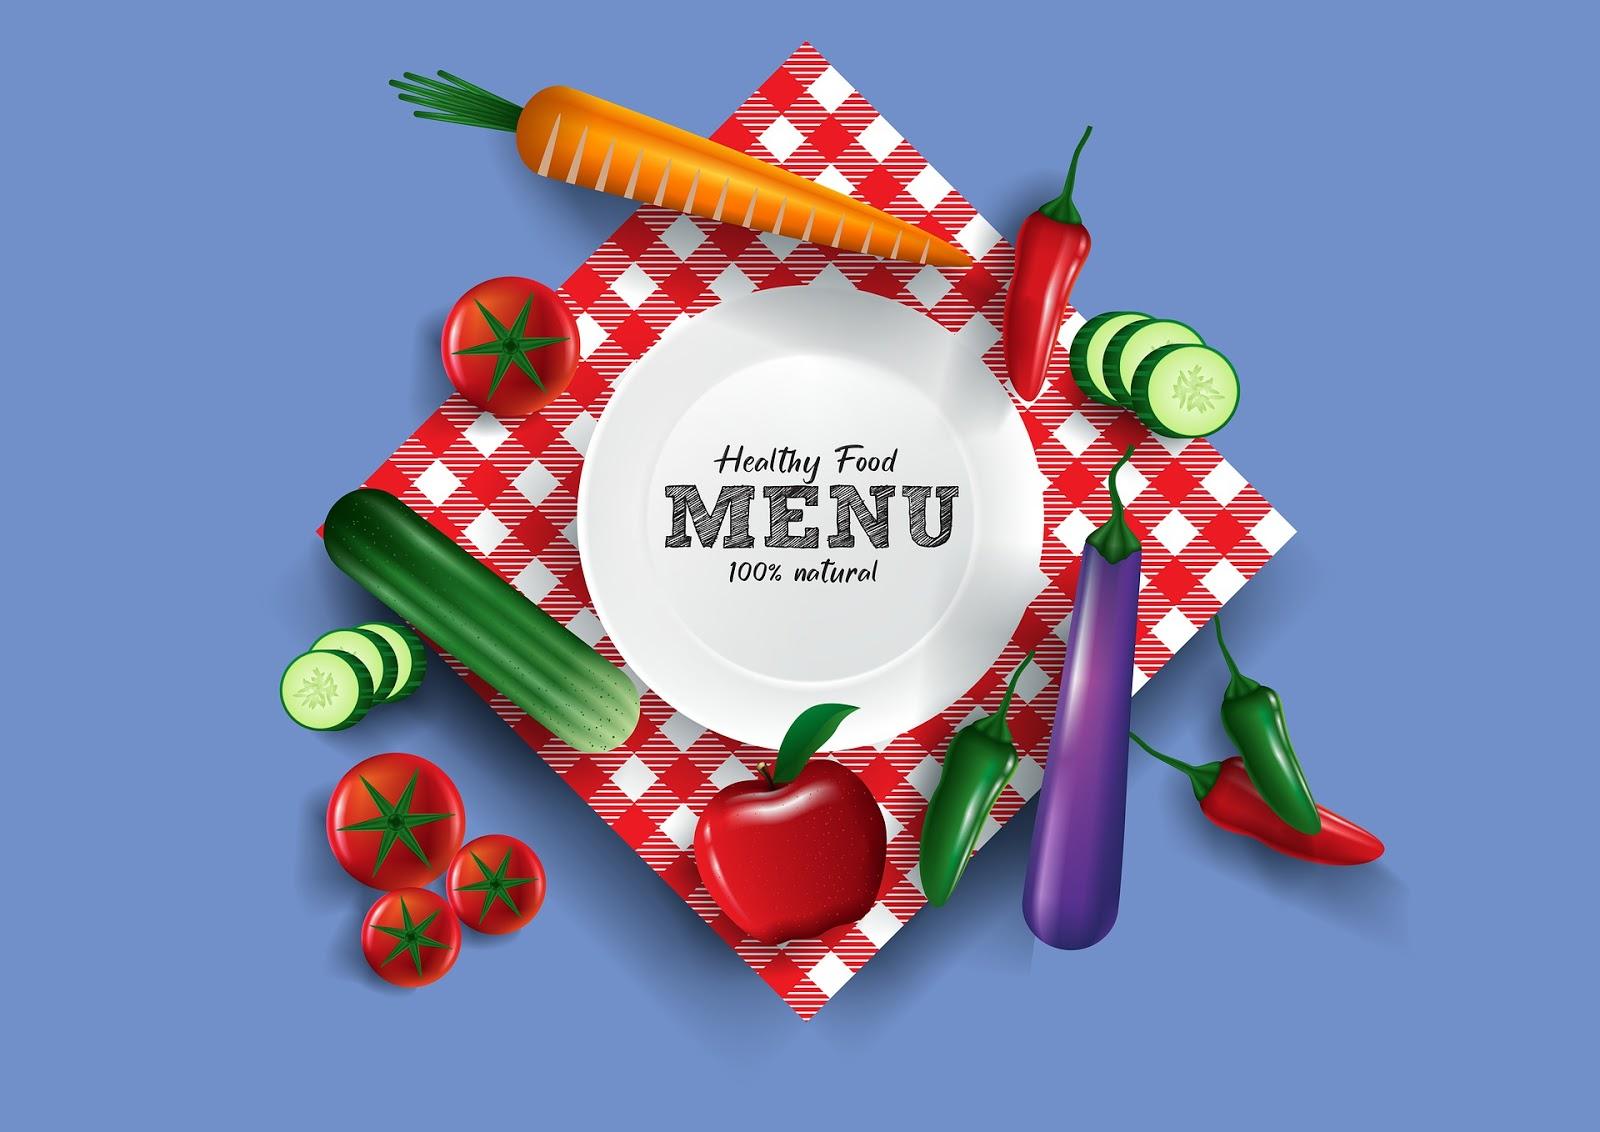 Daftar menu makanan sehat setiap hari